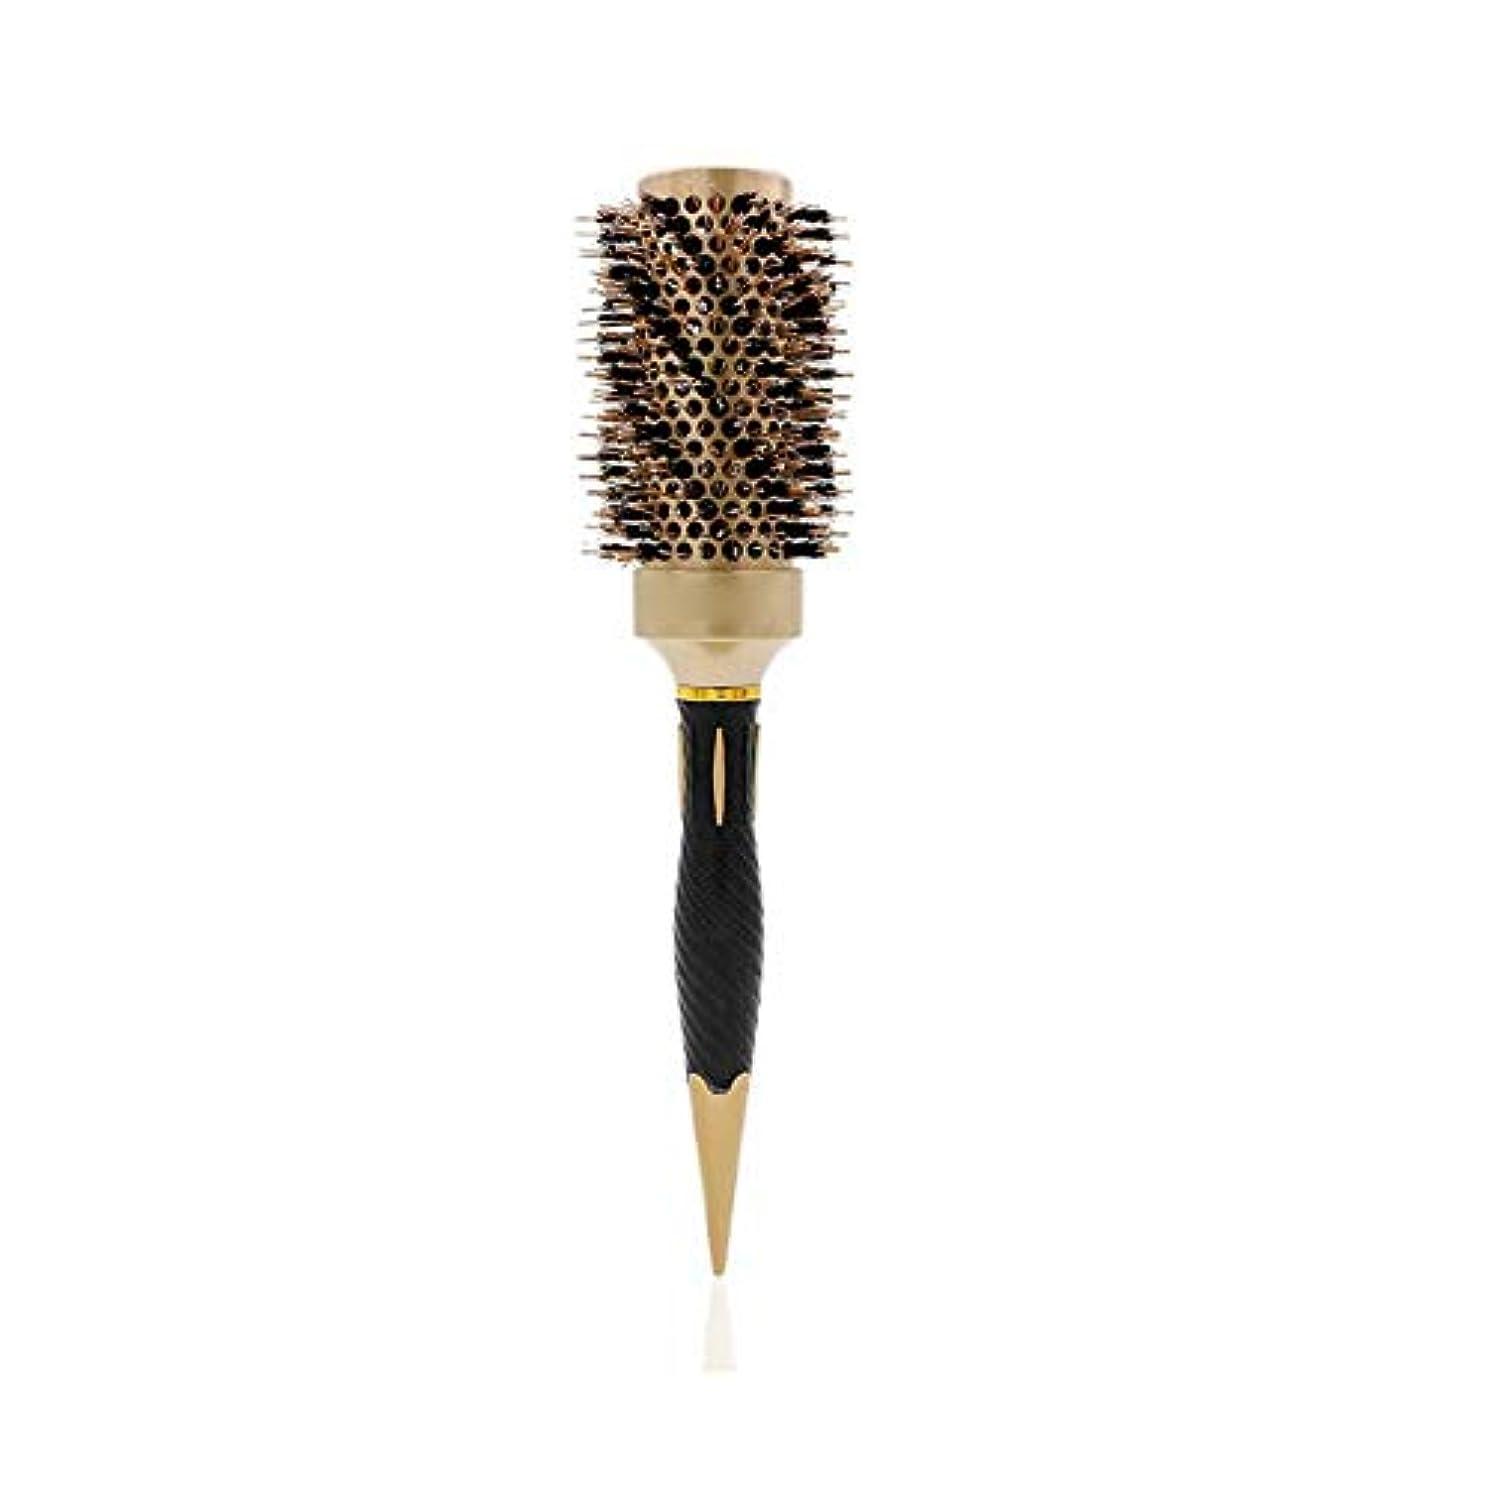 国勢調査スコットランド人記者丸いヘアブラシは、セラミック円筒加熱ローラ櫛サブエアチューブを43ミリメートルヘアサロンヘアドライヤー毛